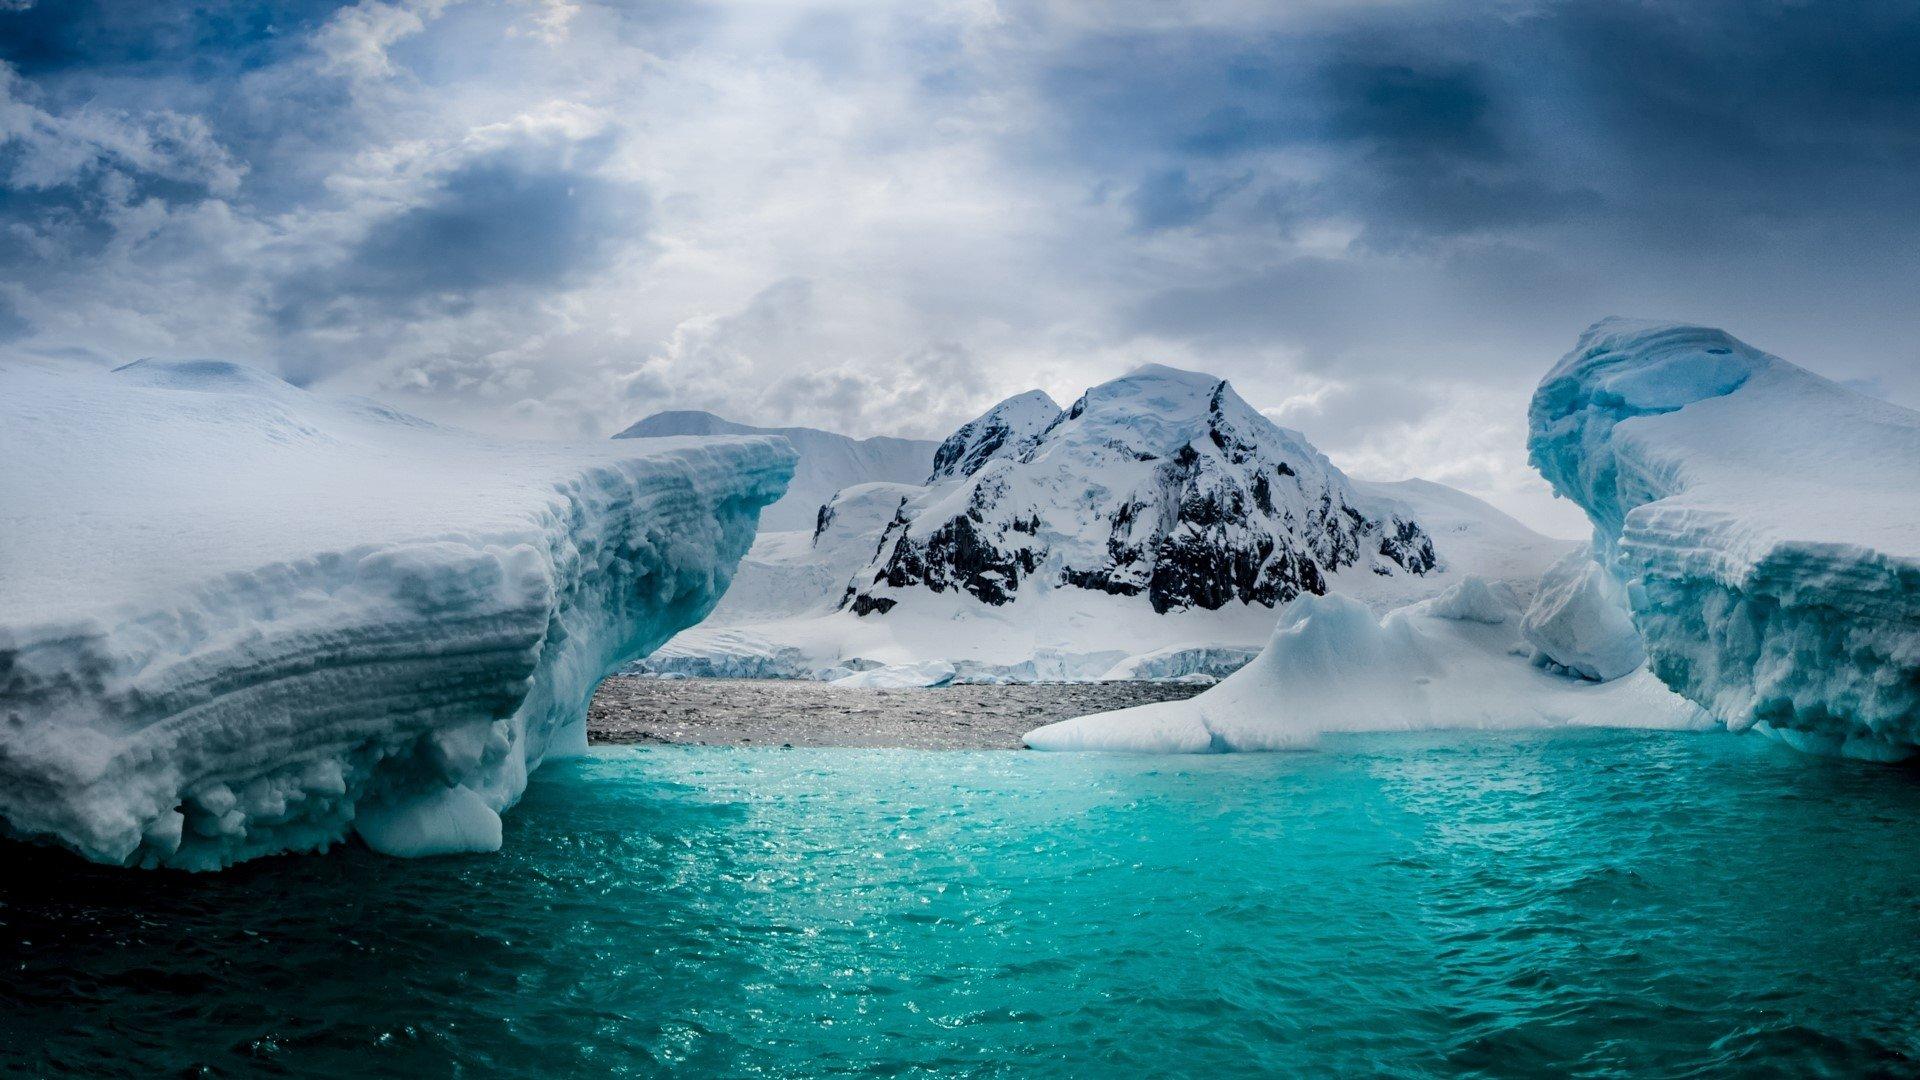 Underwater Iphone Wallpaper Half Moon Island In Antarctica Full Hd Wallpaper And